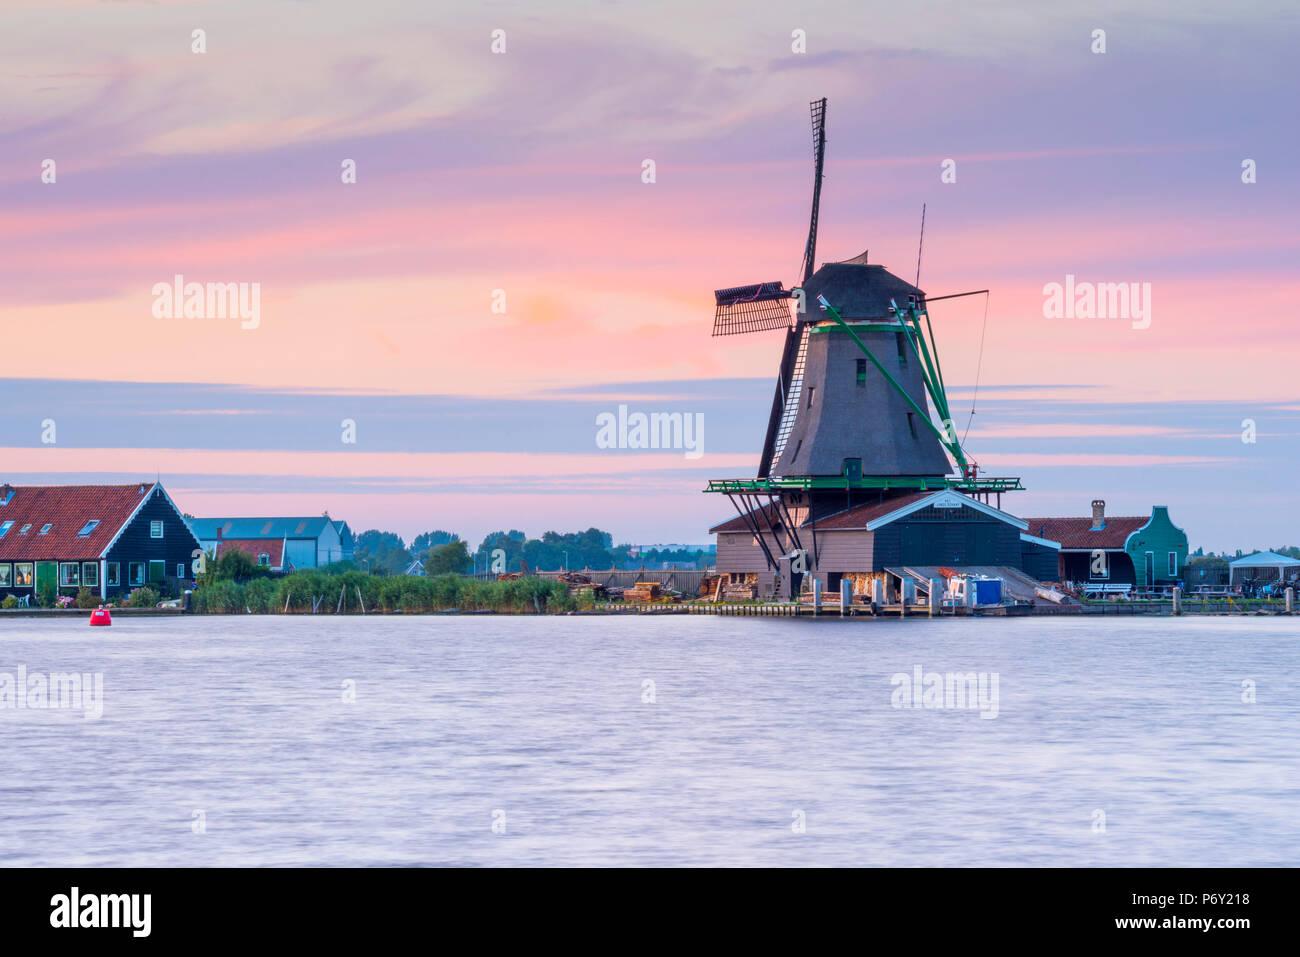 Netherlands, North Holland, Zaandam, Zaanse Schans, The Young Sheep (Het Jonge Schaap) Sawmill - Stock Image